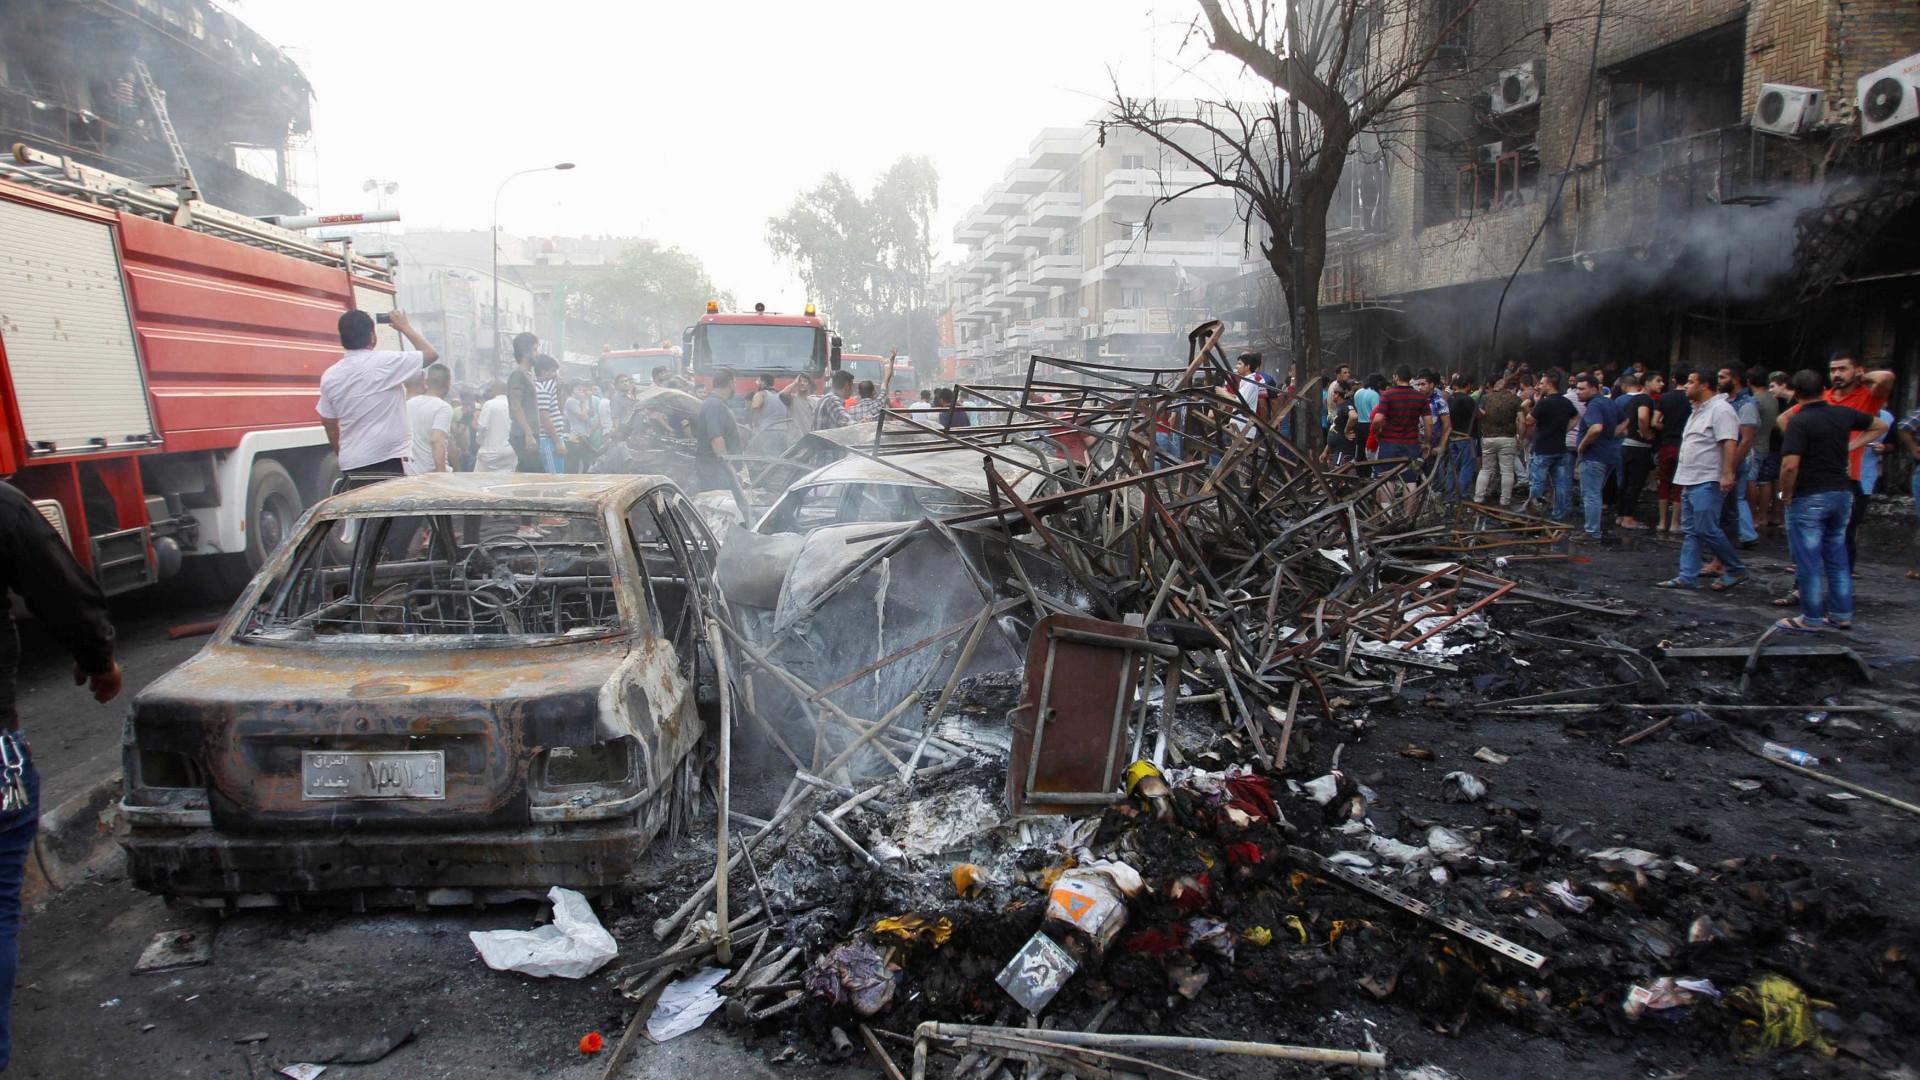 Atentado bombista em Bagdad provoca pelo menos 23 mortos e 43 feridos